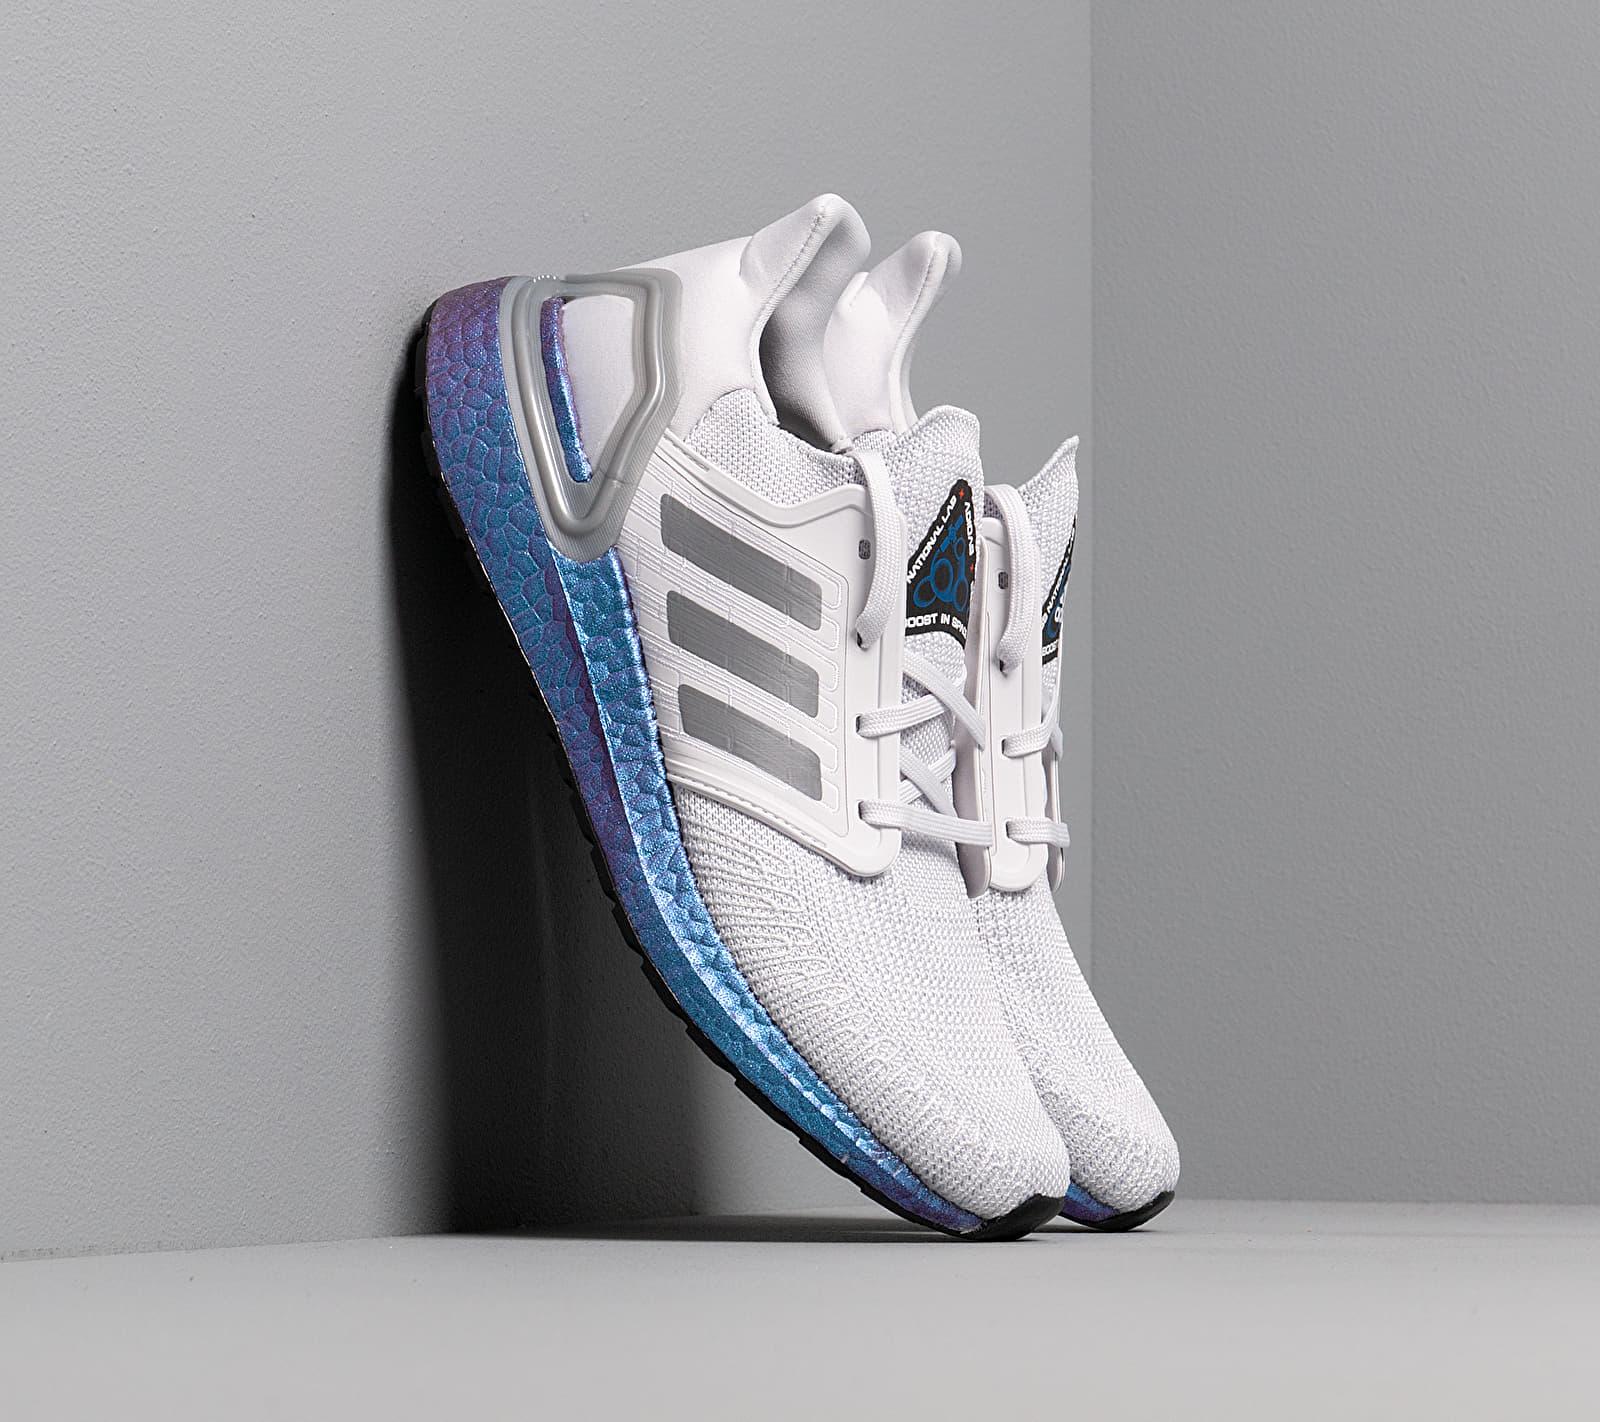 adidas UltraBOOST 20 Dash Grey/ Grey Three/ Blue Vime EG0755